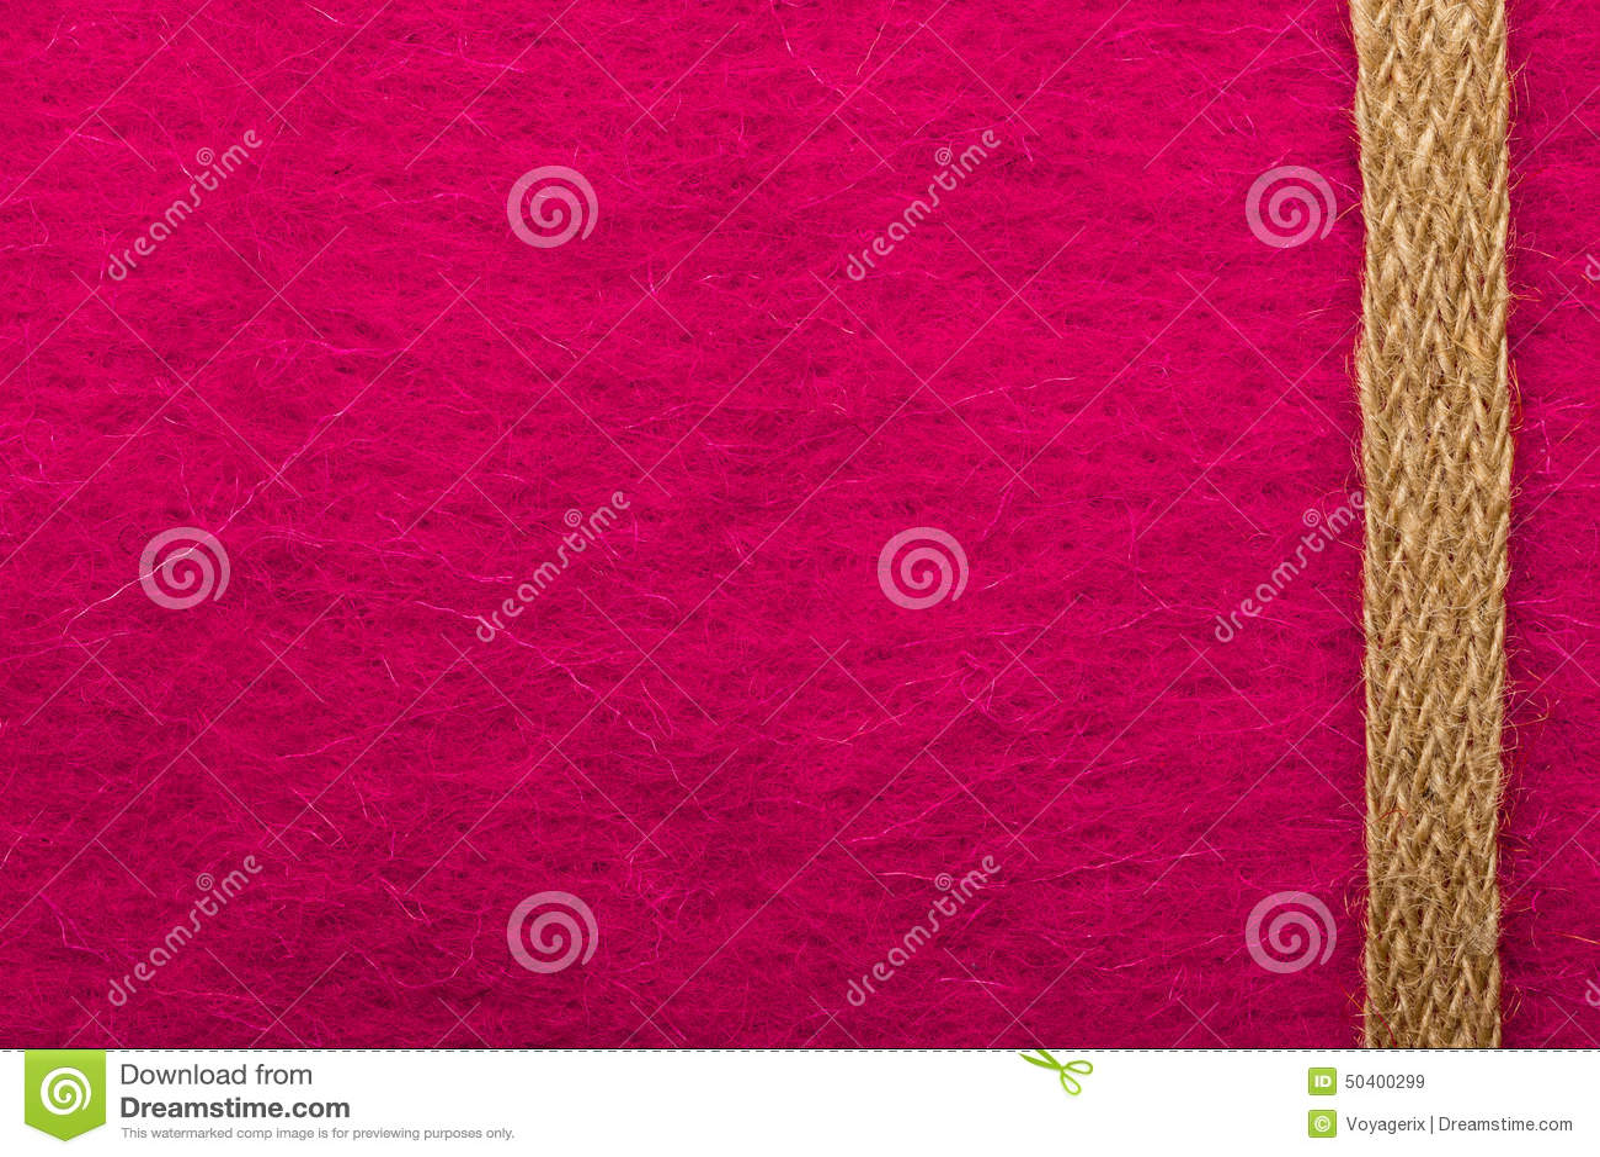 Jutefaserseil über rosa Hintergrund